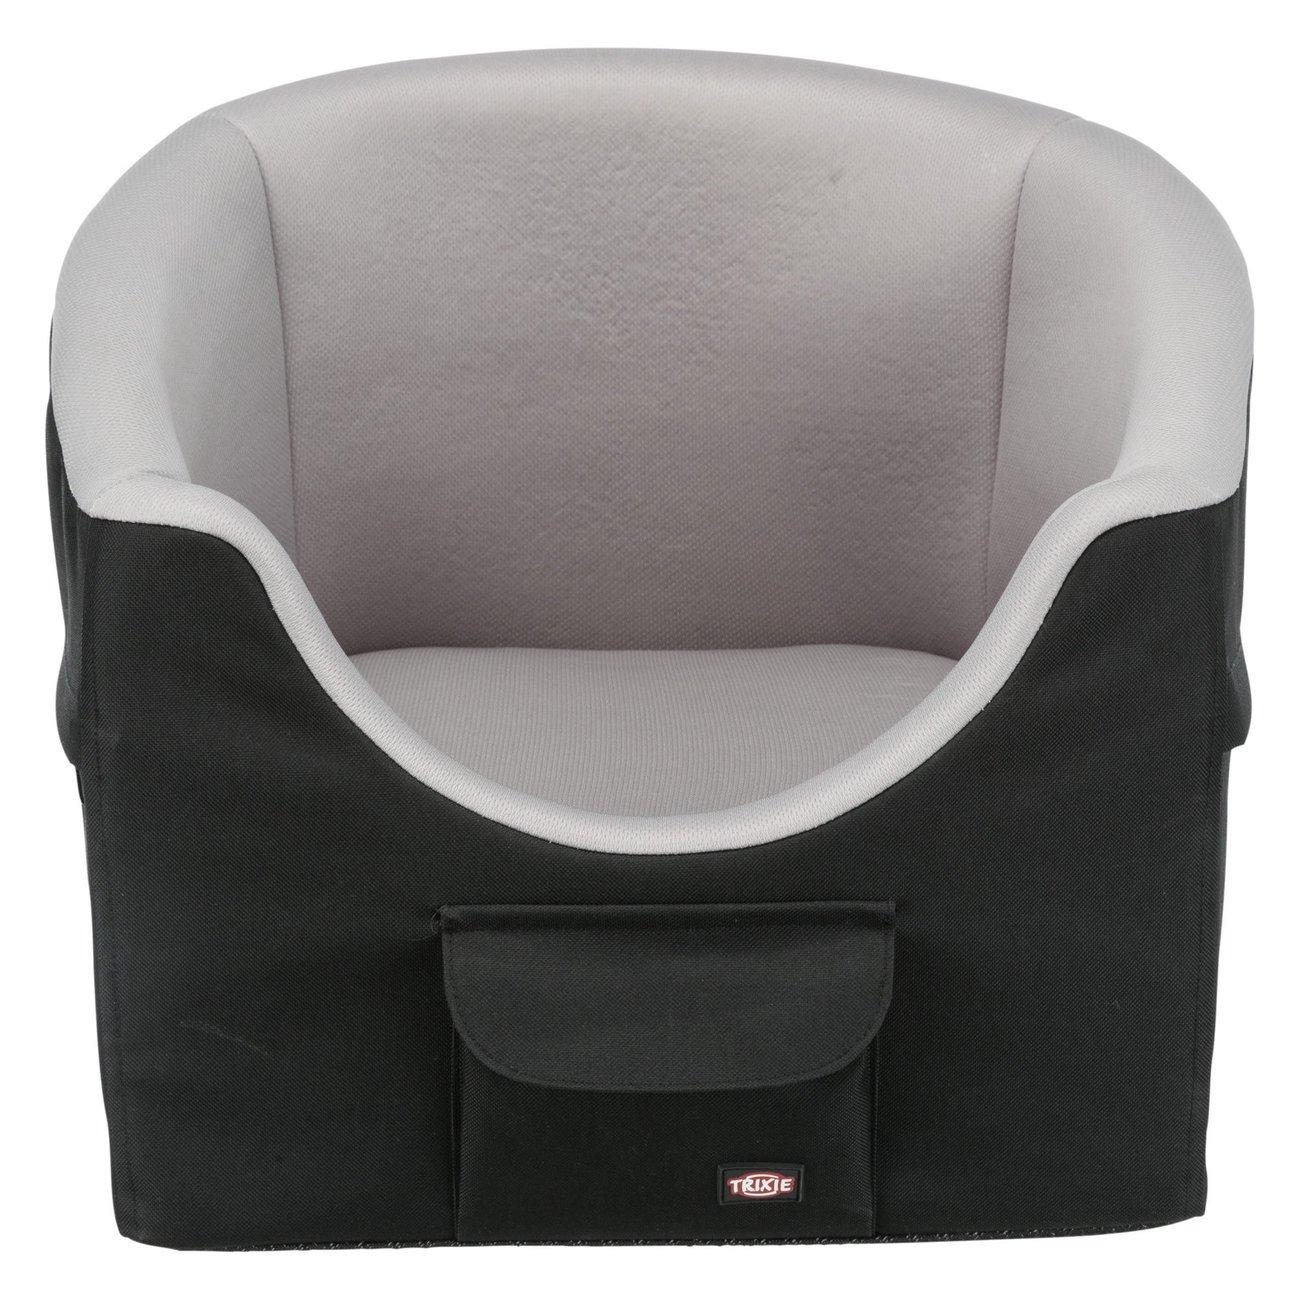 TRIXIE Autositz für kleine Hunde bis 8 kg 13176, Bild 4